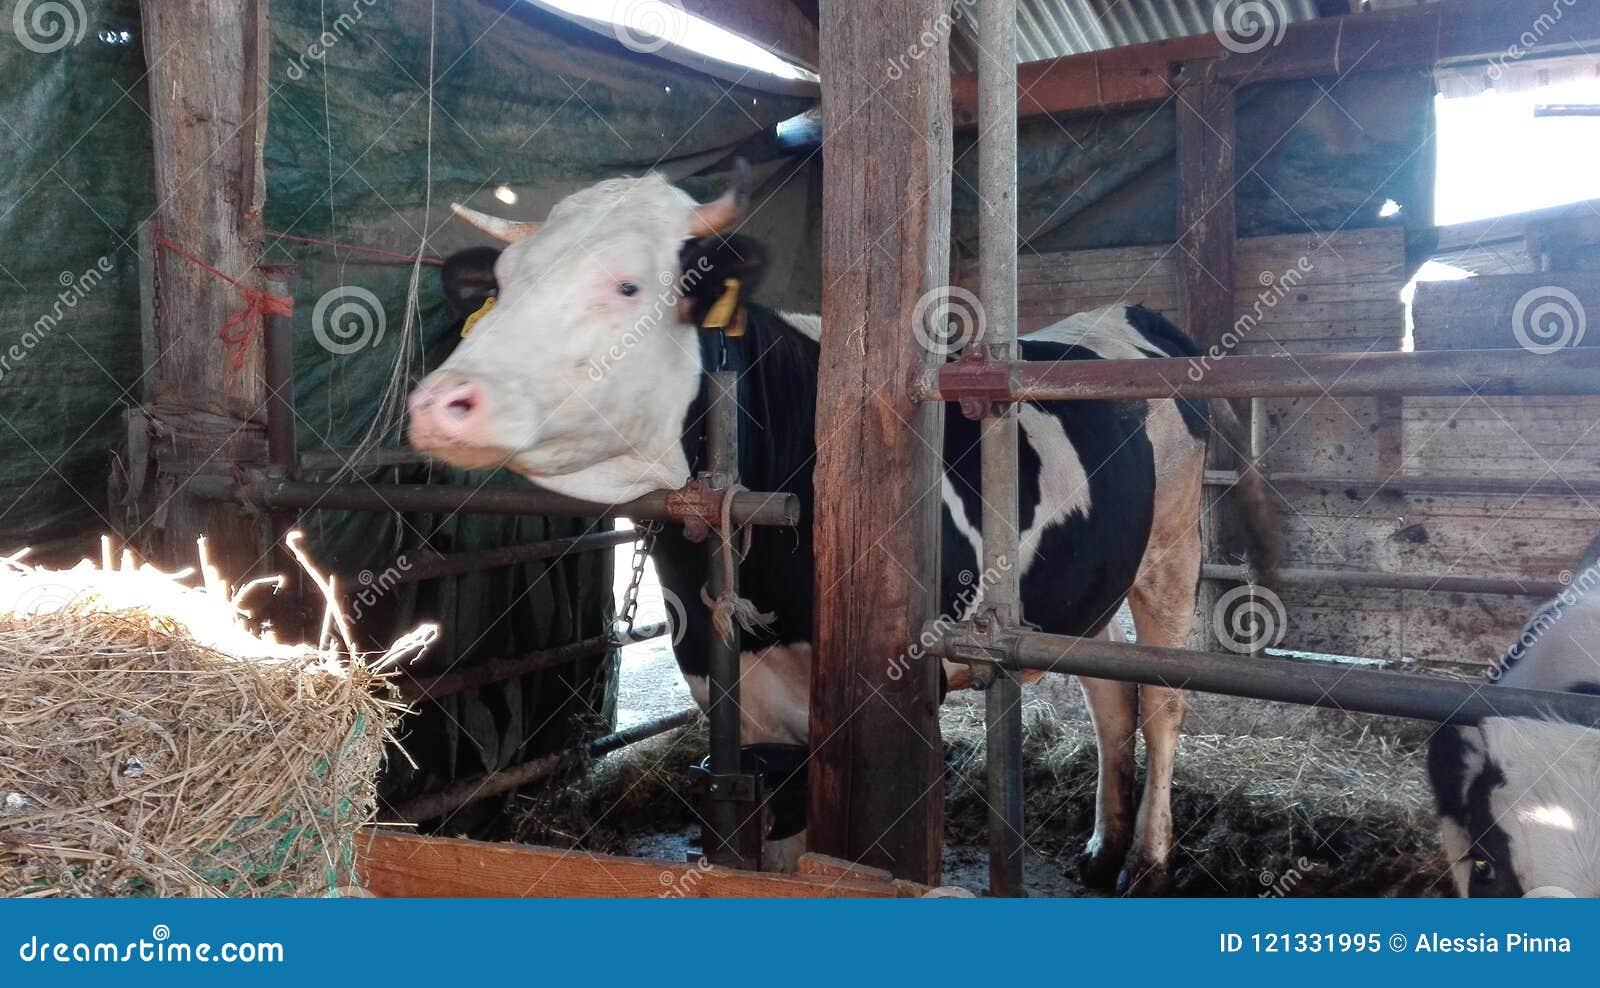 Effraye noir et blanc dans une ferme